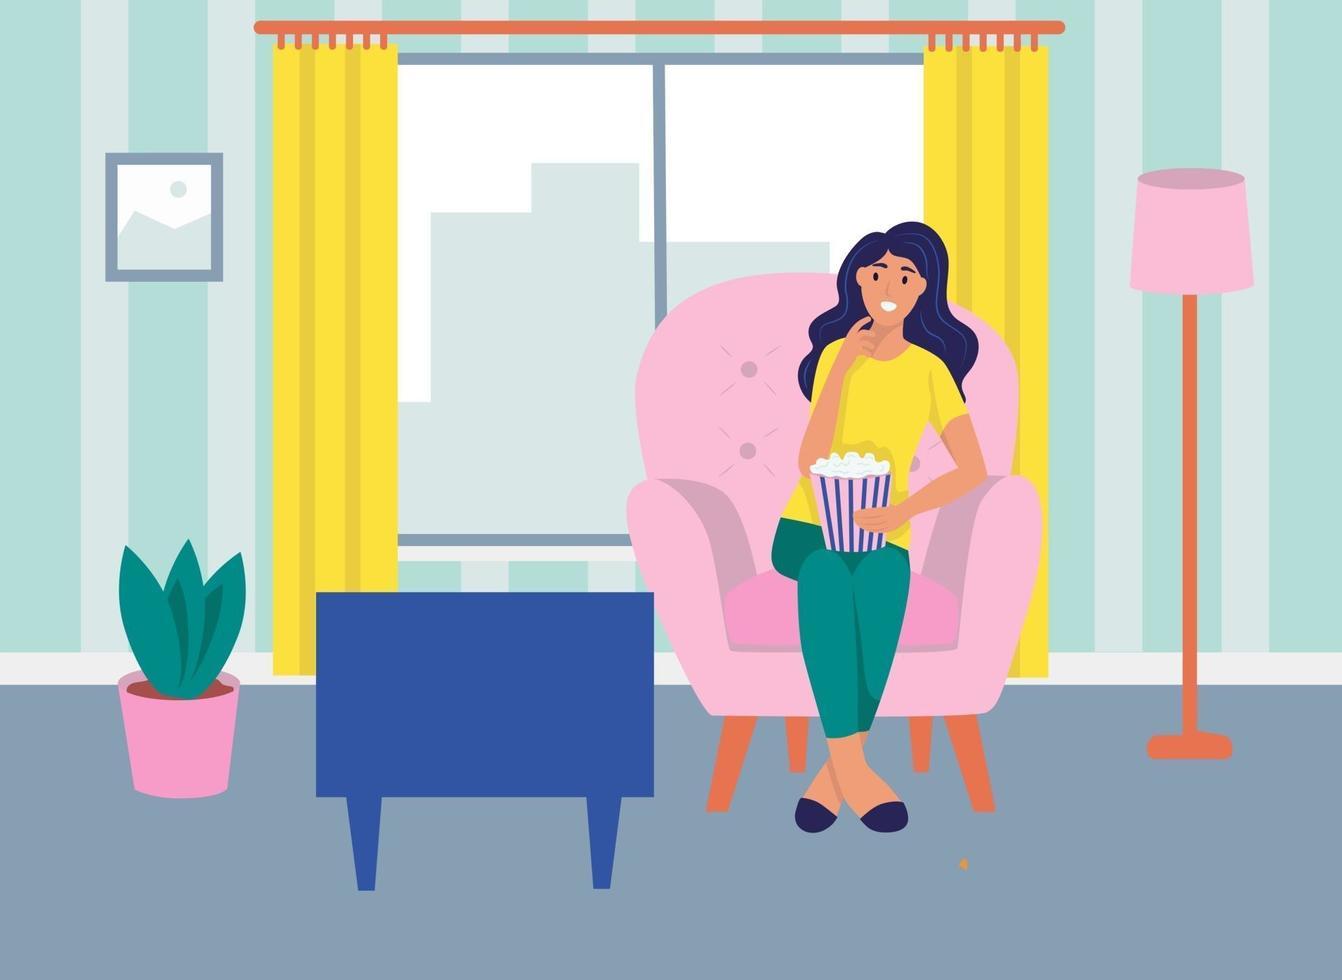 una giovane donna è seduta sul divano, guarda la tv e mangia popcorn. il concetto di vita quotidiana, tempo libero quotidiano e attività lavorative. illustrazione vettoriale di cartone animato piatto.